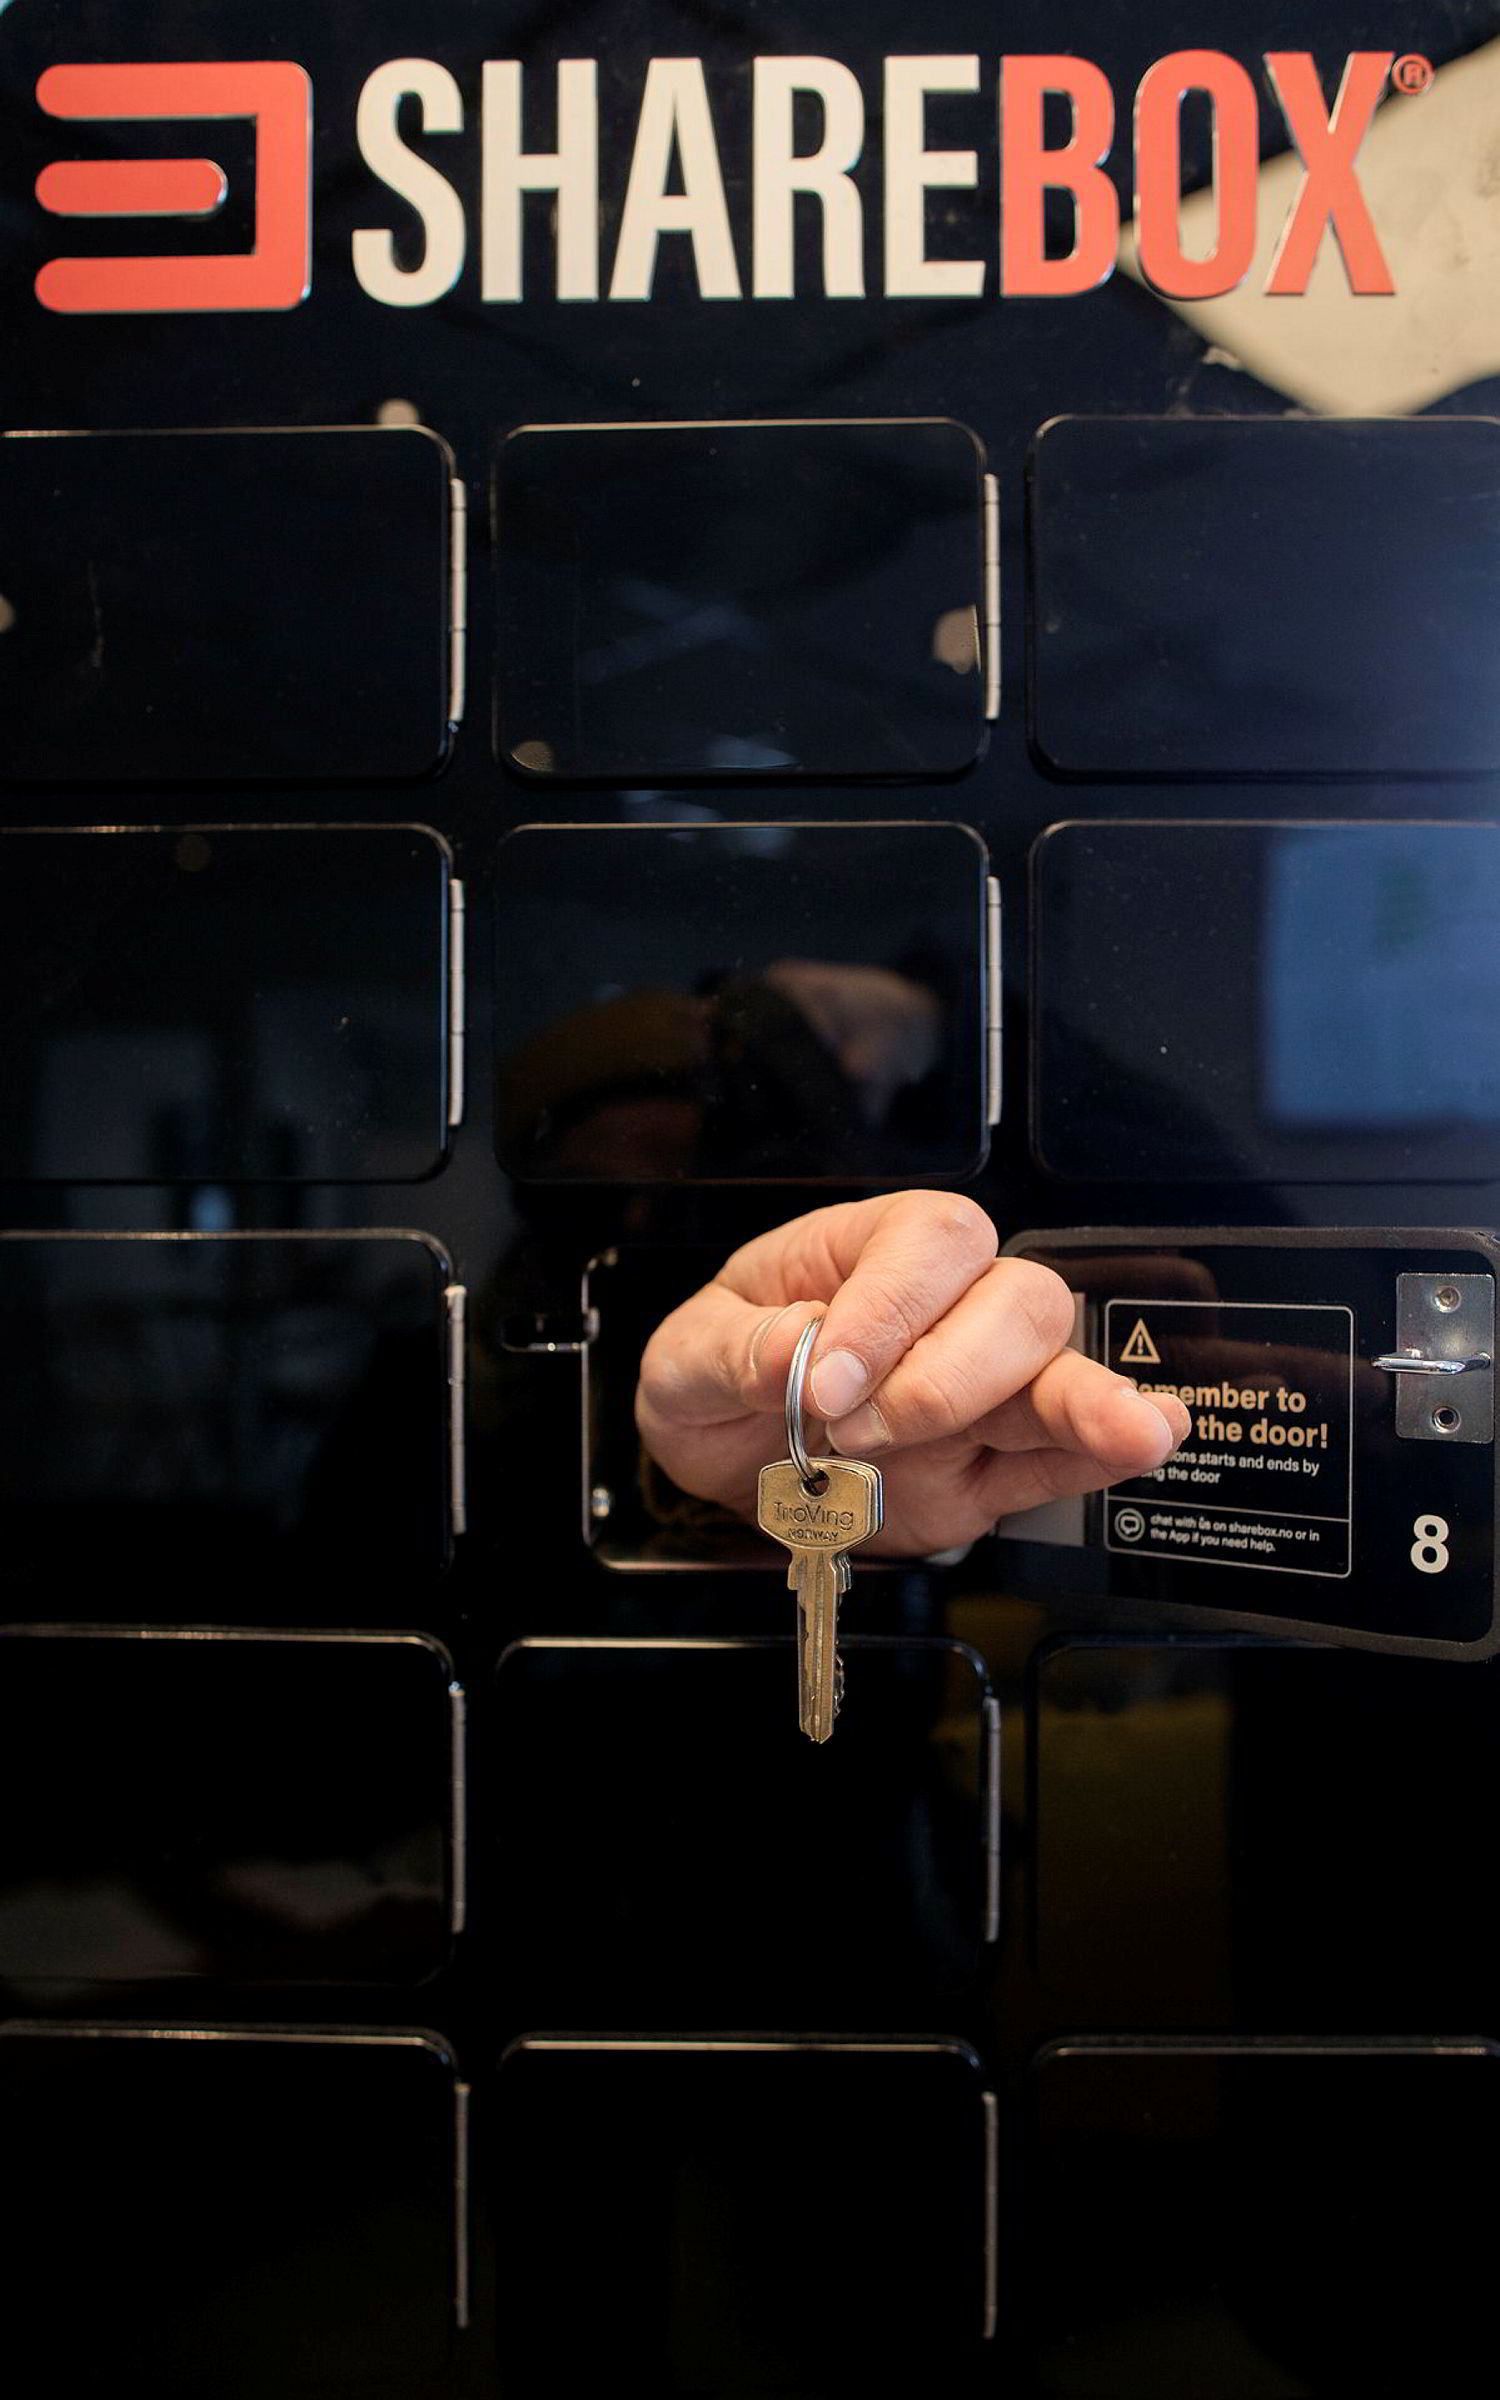 Skap med små rom som låses opp med mobilen og er utplassert i kiosker og på trafikknutepunkt, er forretningsideen til Sharebox.